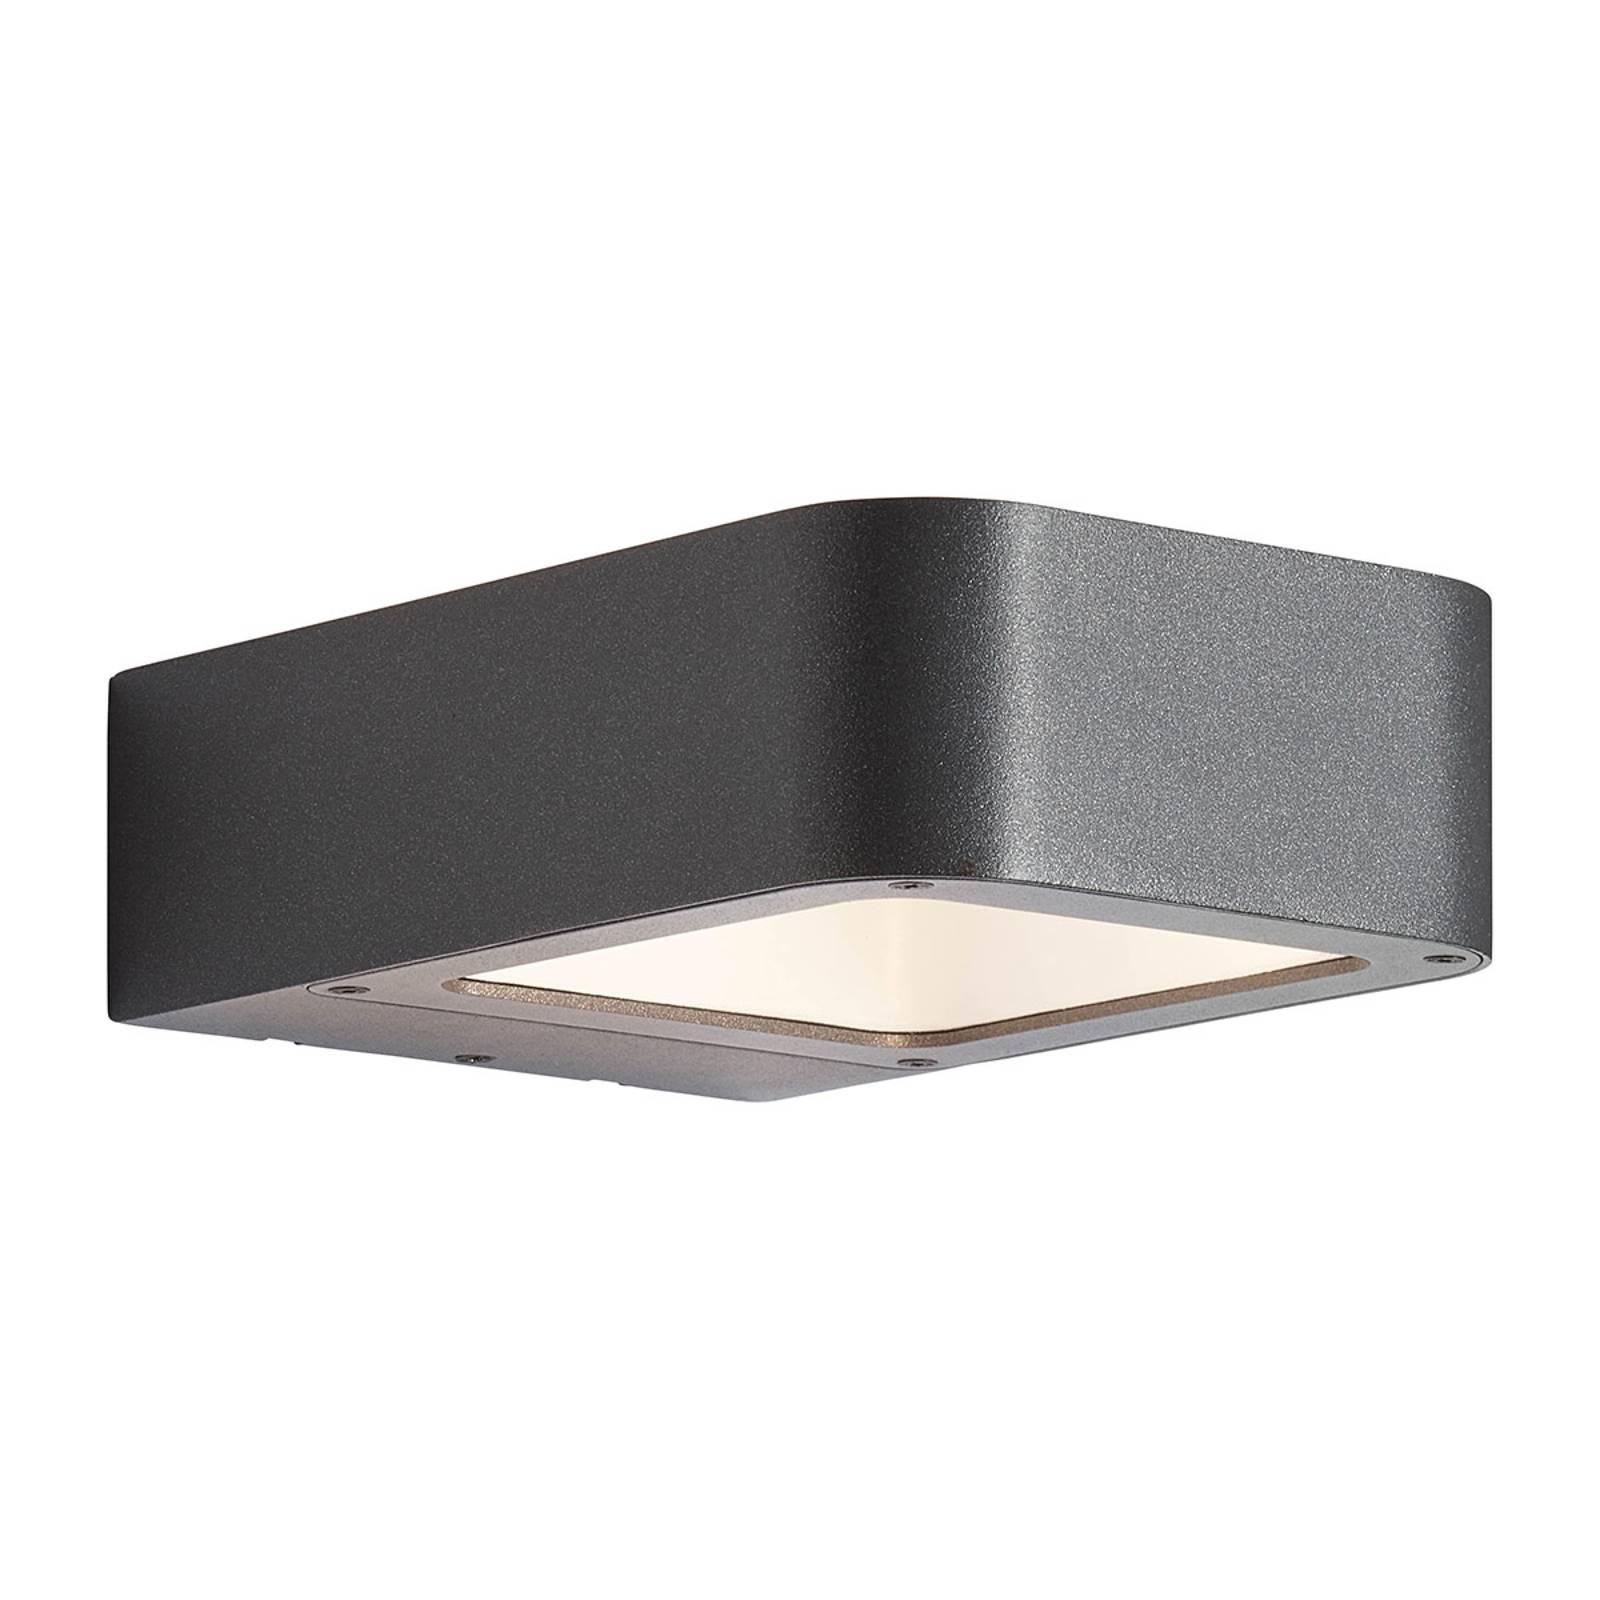 AEG Phelia LED-Außenwandleuchte